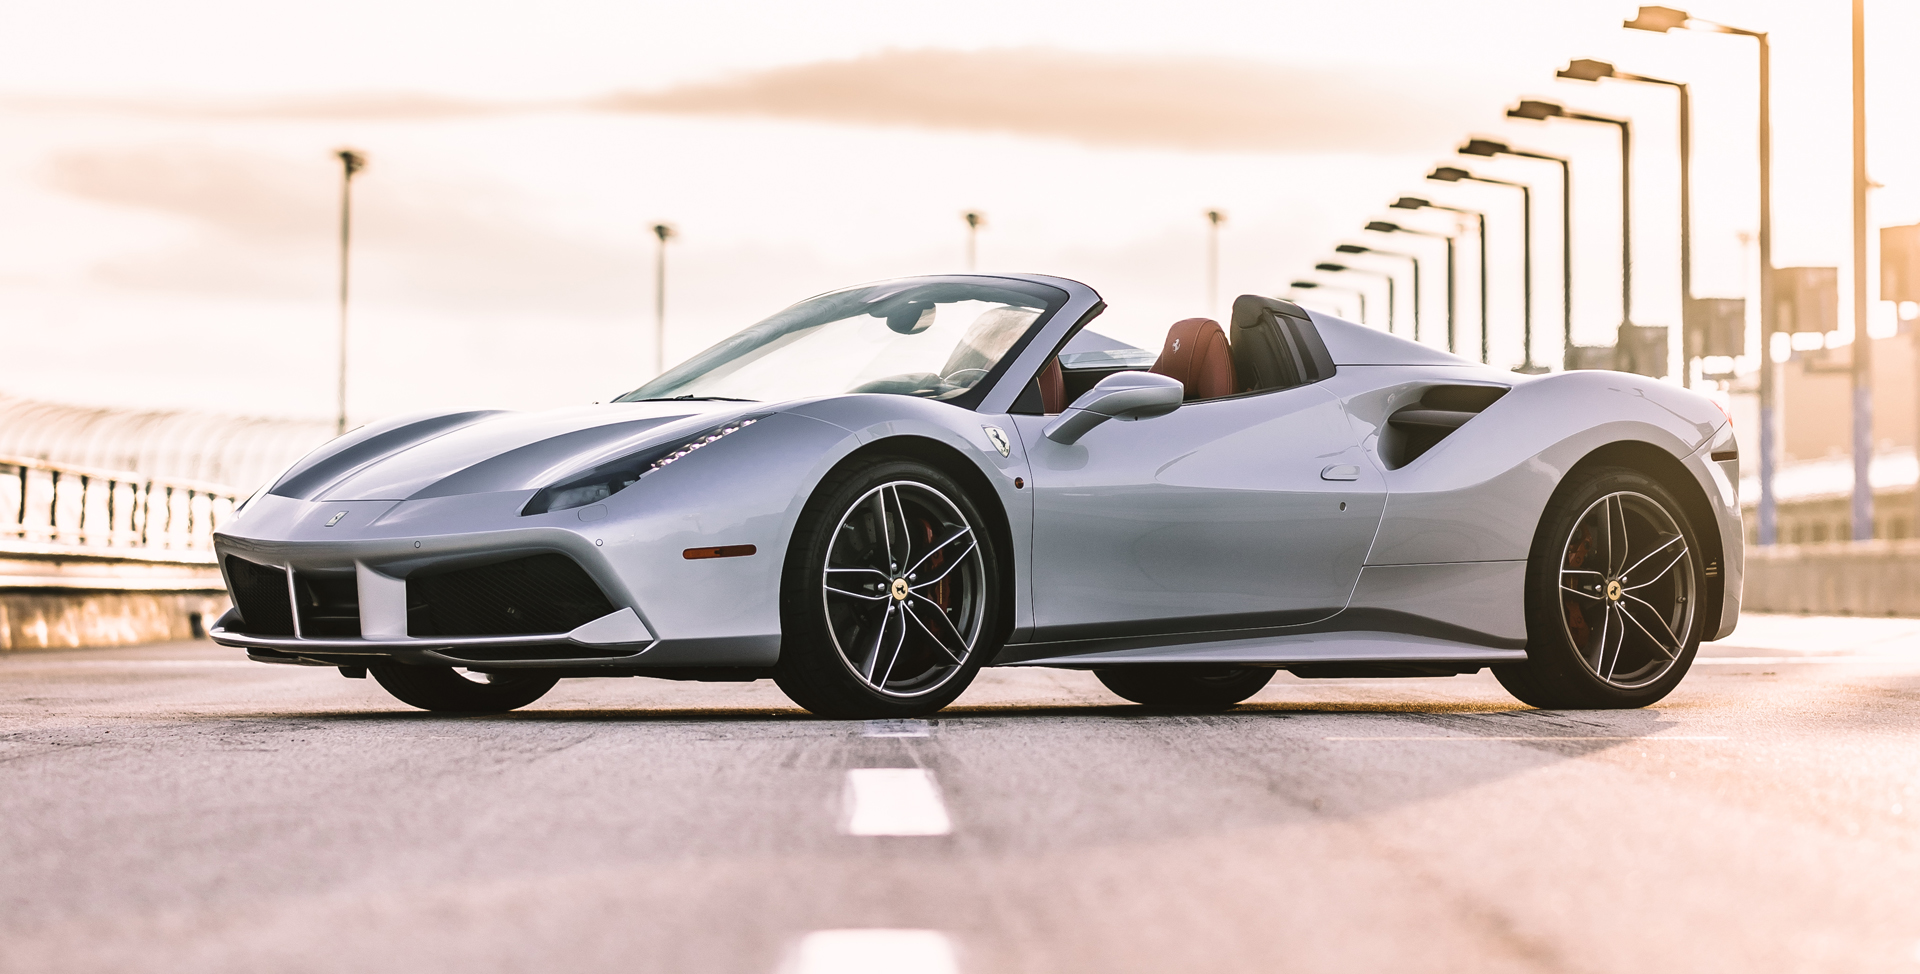 The Collection Ferrari